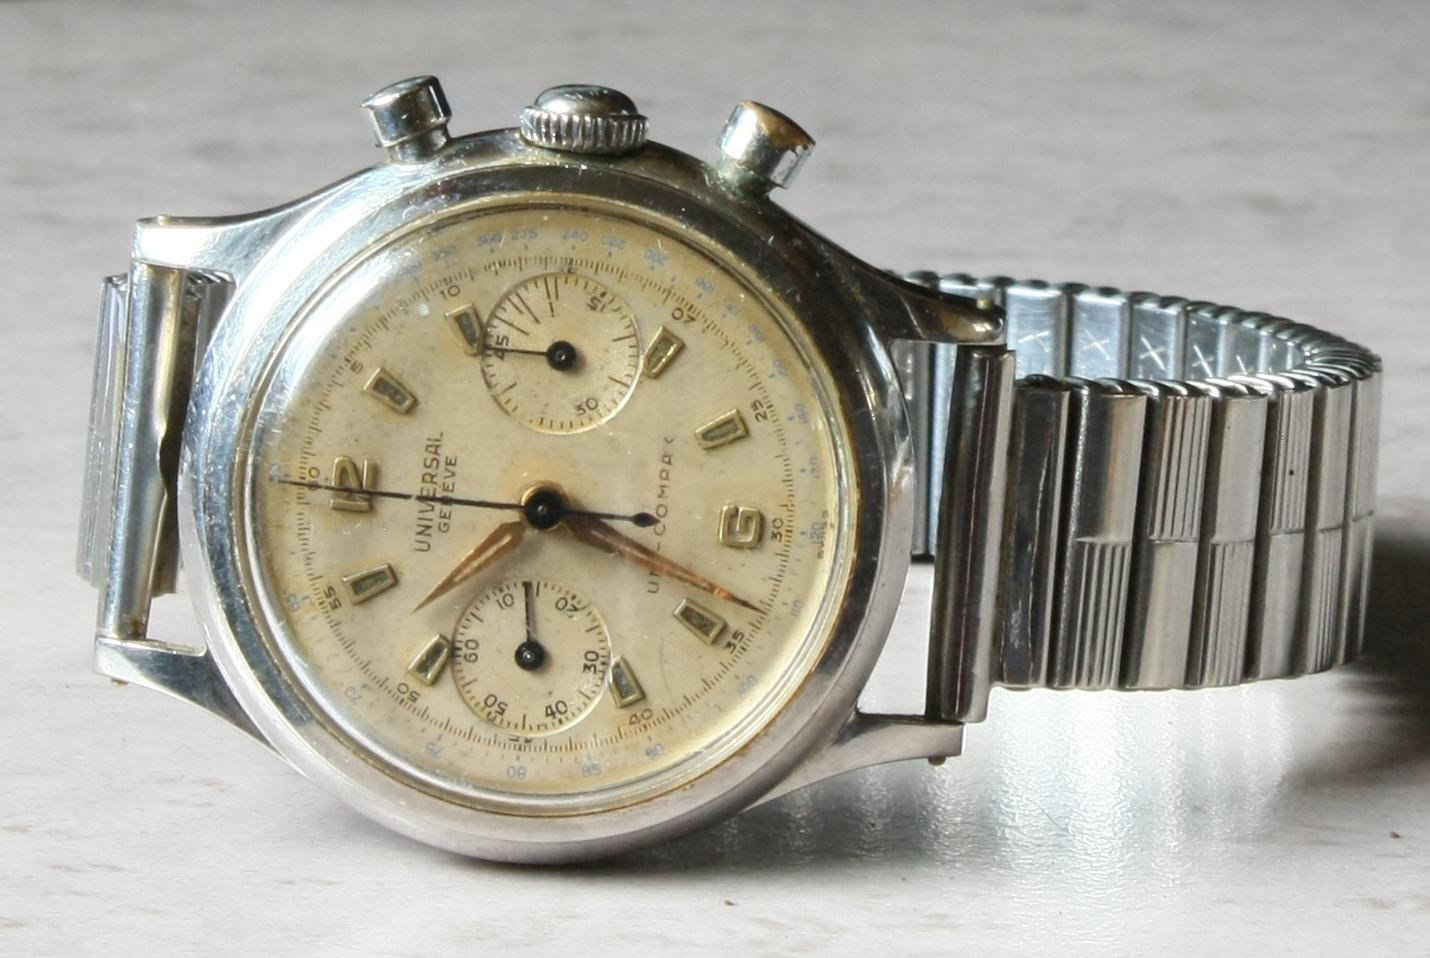 ZENITH -  [Postez ICI les demandes d'IDENTIFICATION et RENSEIGNEMENTS de vos montres] - Page 28 Img_0412